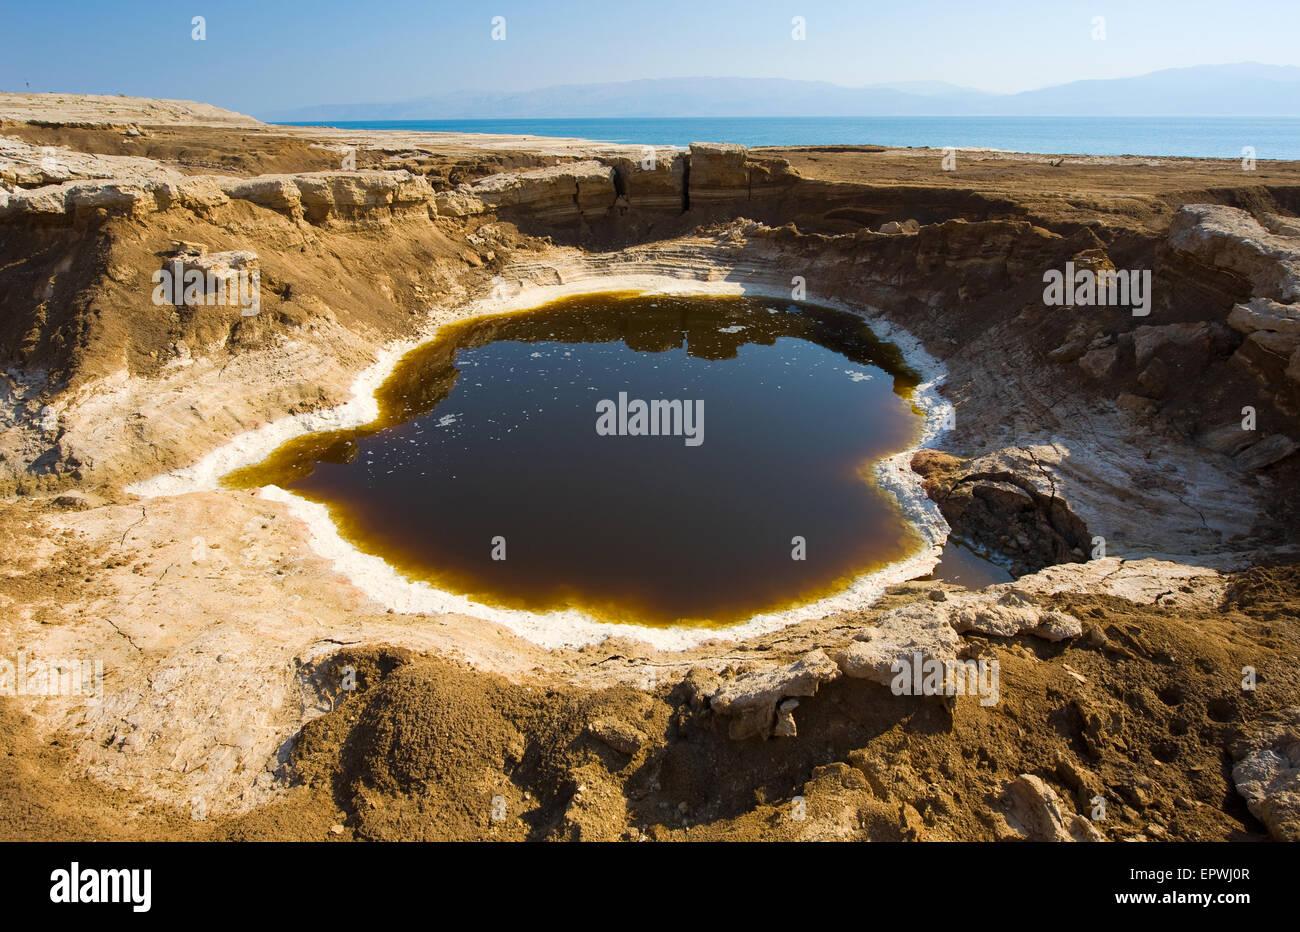 Sumidero o a cielo abierto en la orilla del mar muerto al final del verano, cuando el nivel de agua es por el menor Foto de stock